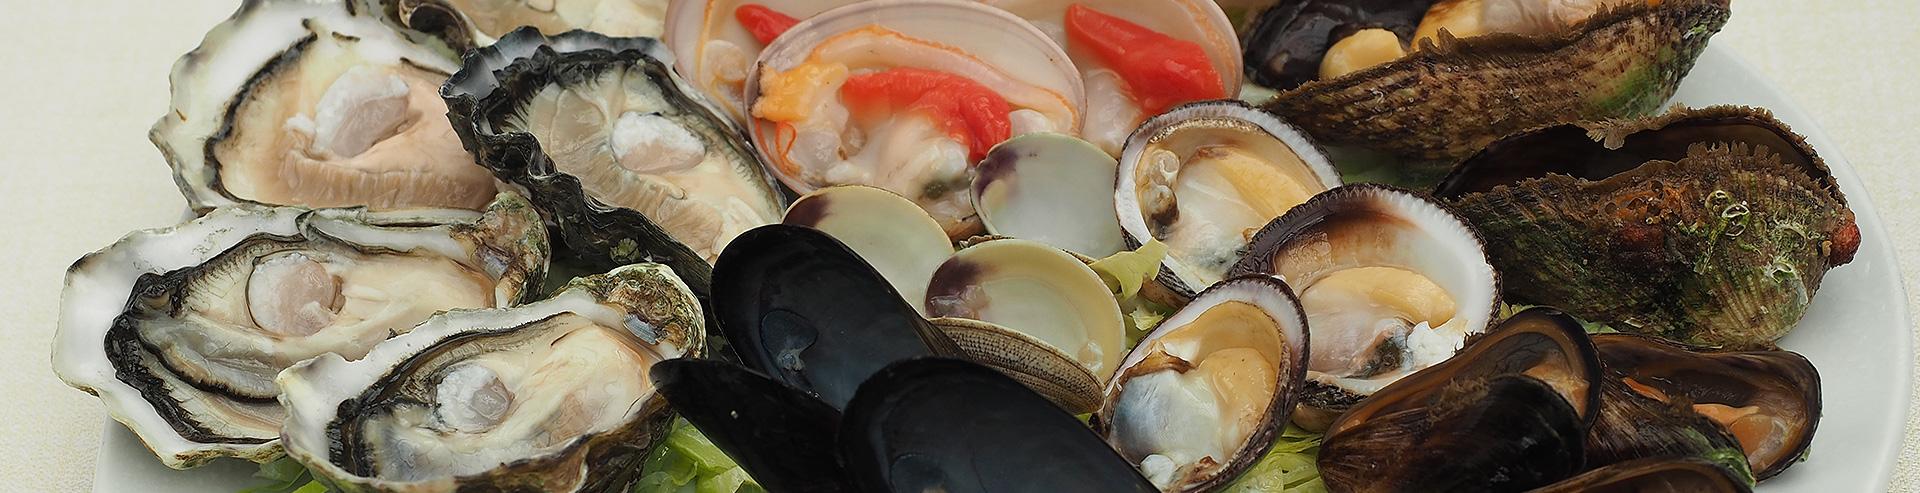 Ristorante Di Pesce Torino Ristò Civassa